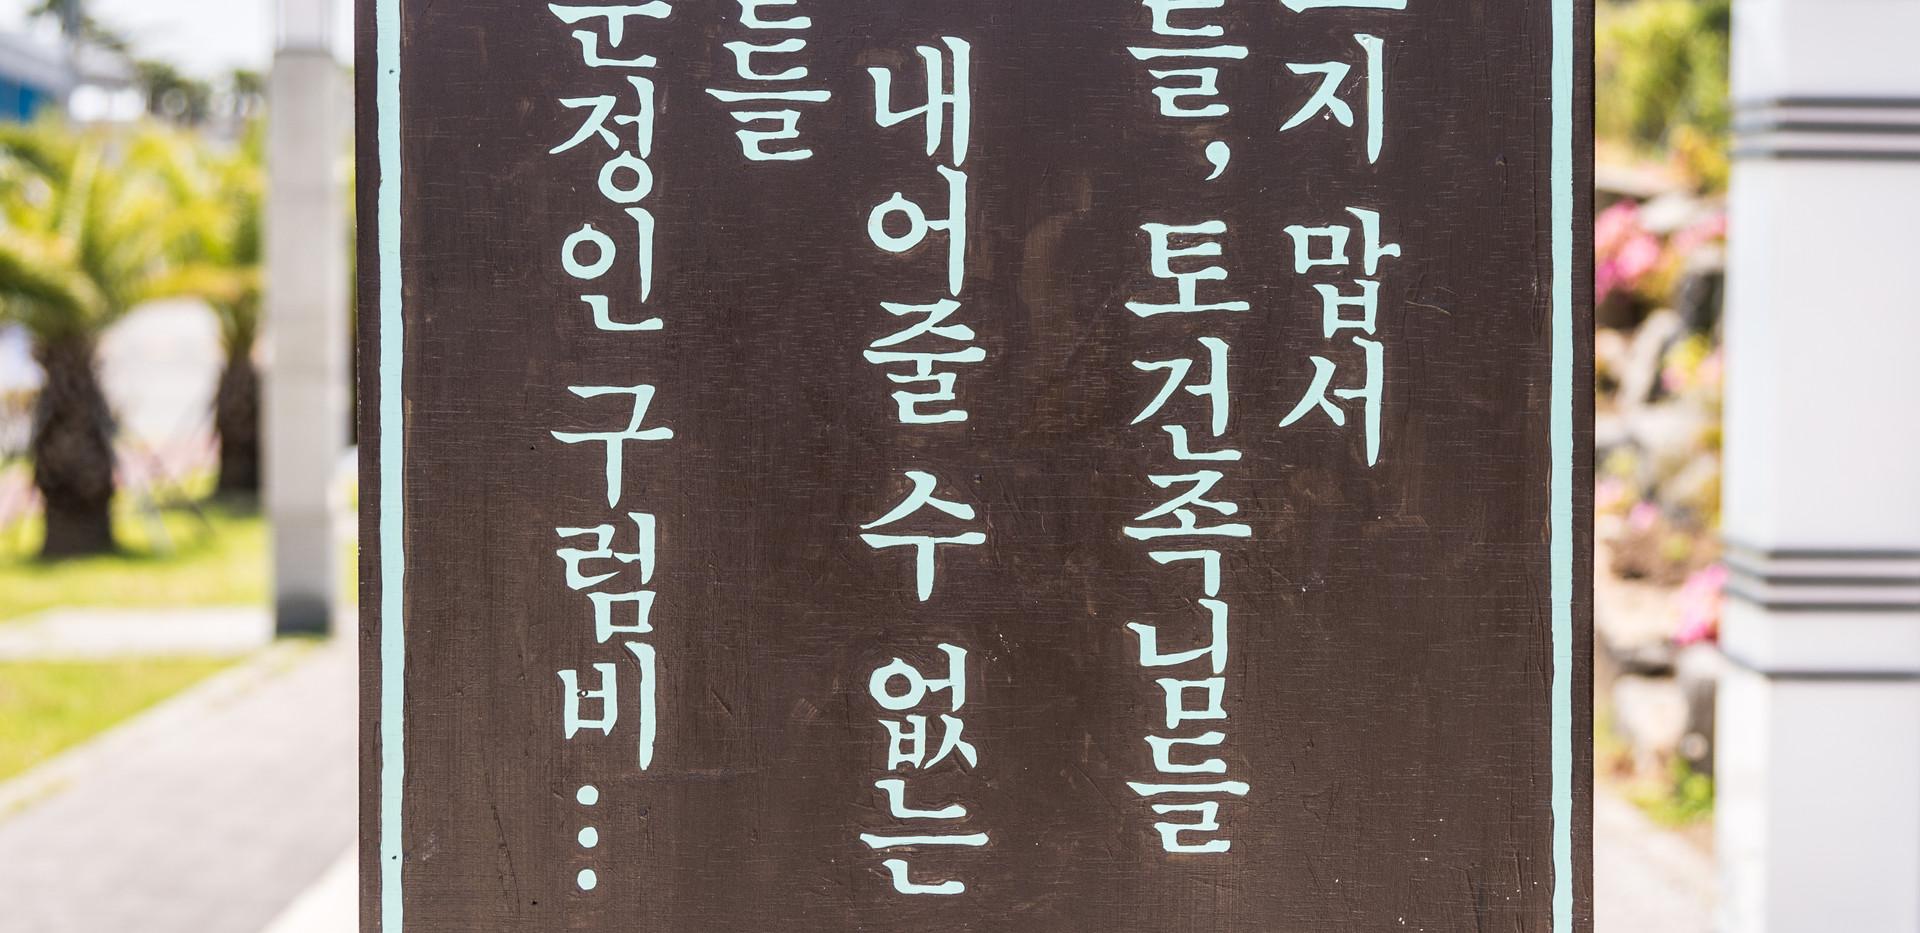 YangsanG_20190505_0007_2.jpg